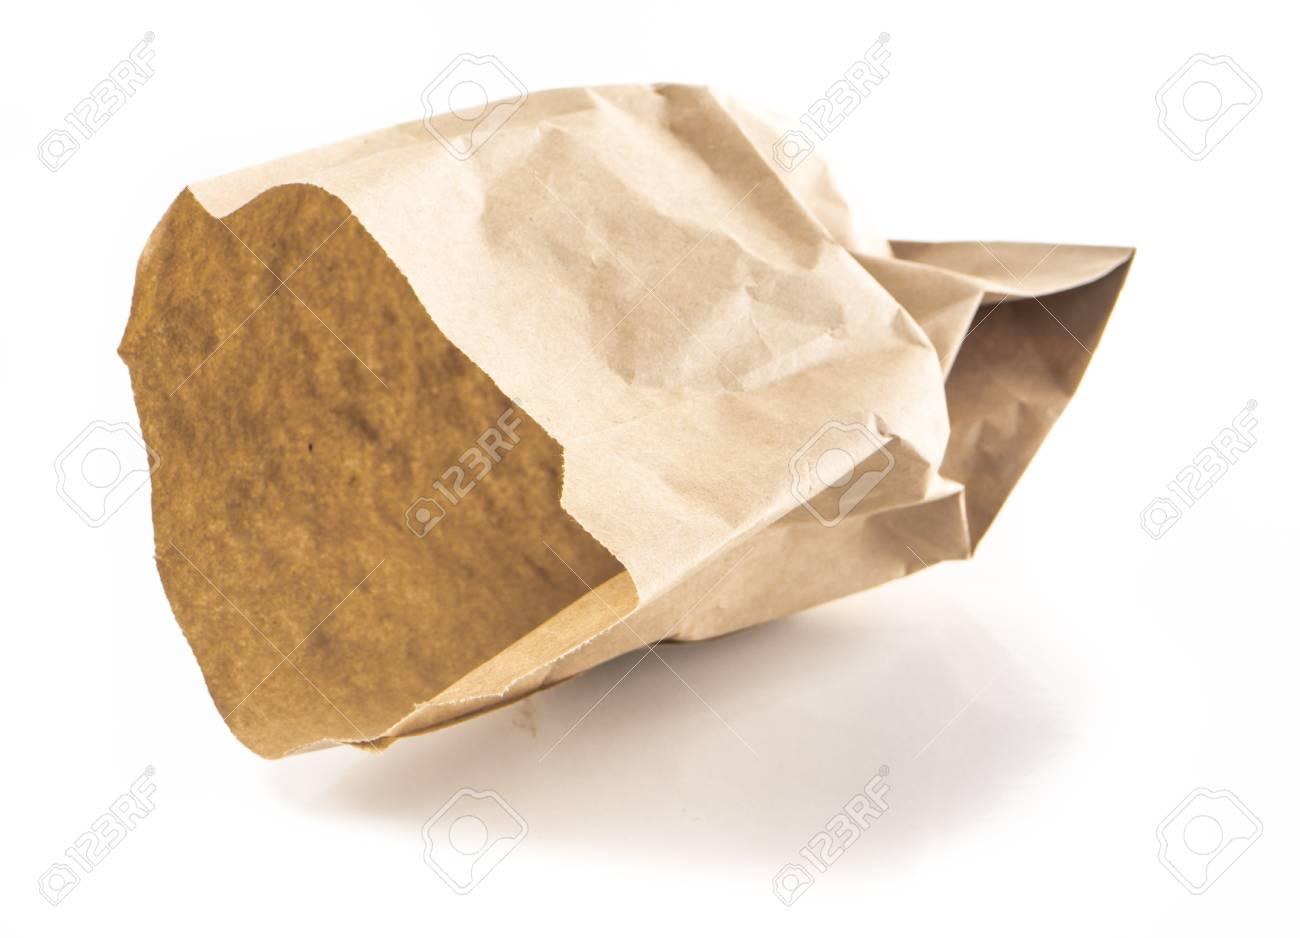 De Papieren Zak : Afbeelding van verfrommelde papieren zak geïsoleerde colse up